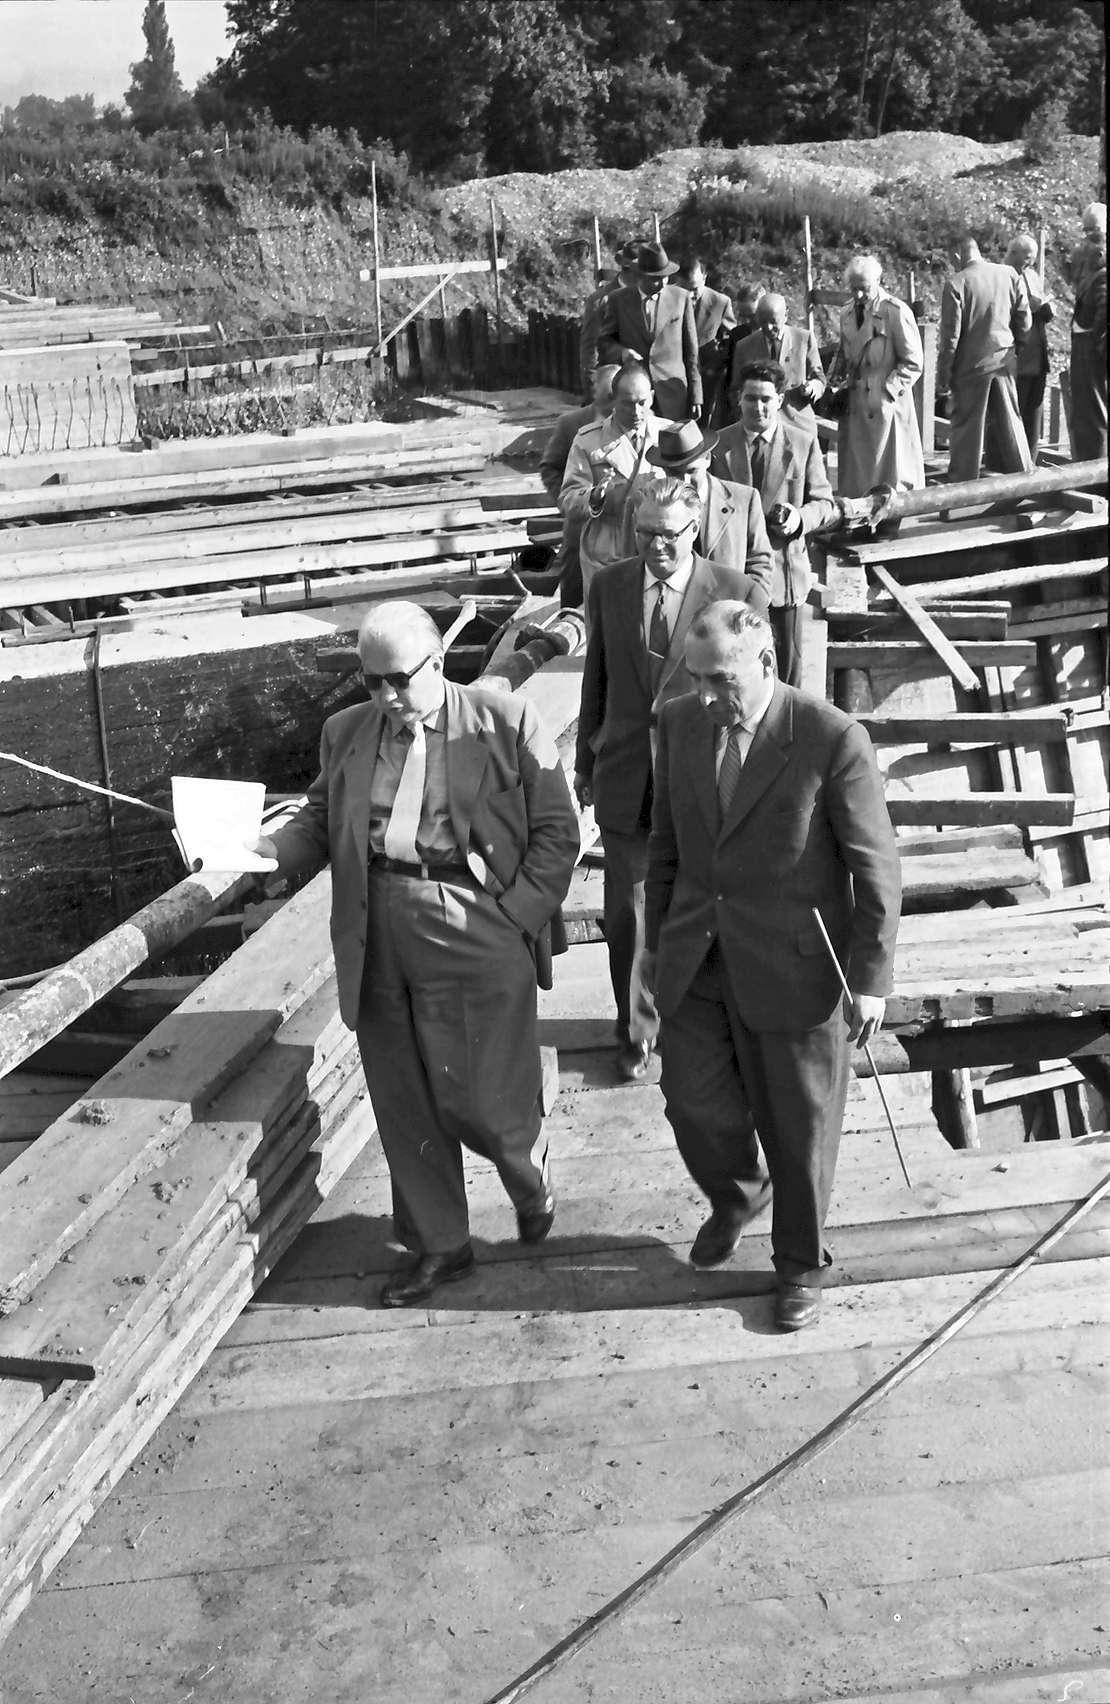 Efringen-Kirchen: Besichtigung an der Kanderbrücke bei Efringen-Kirchen; Gruppe mit Verkehrsminister Seebohm auf Brückengerüst, Bild 1